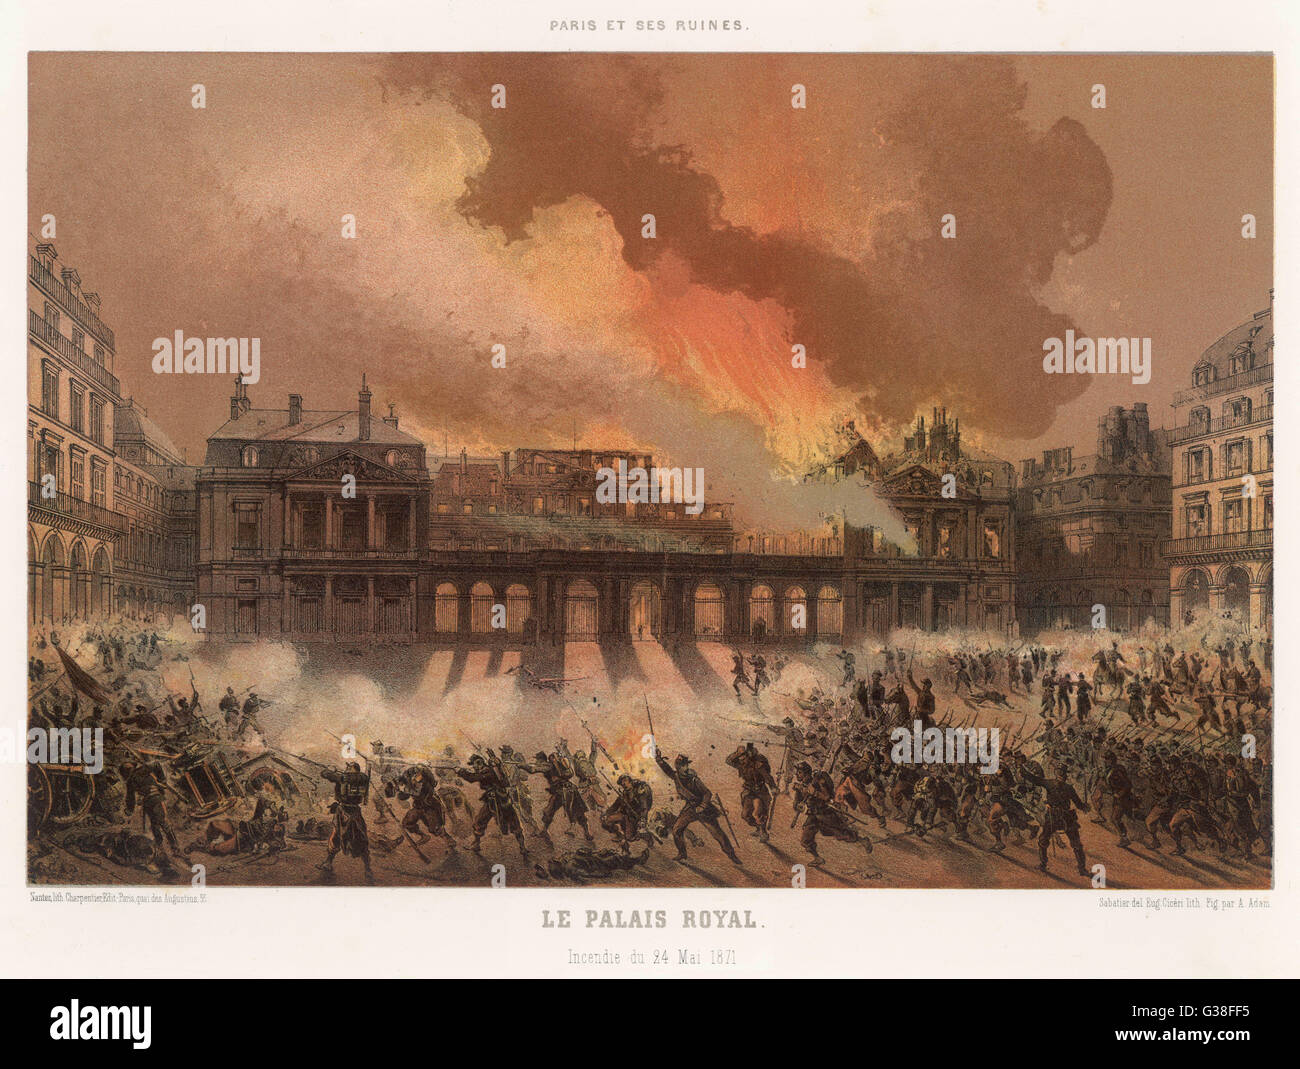 Die Verbrennung des Palais Royal, Paris, schwer beschädigt durch die Kommunarden Datum: 24. Mai 1871 Stockfoto